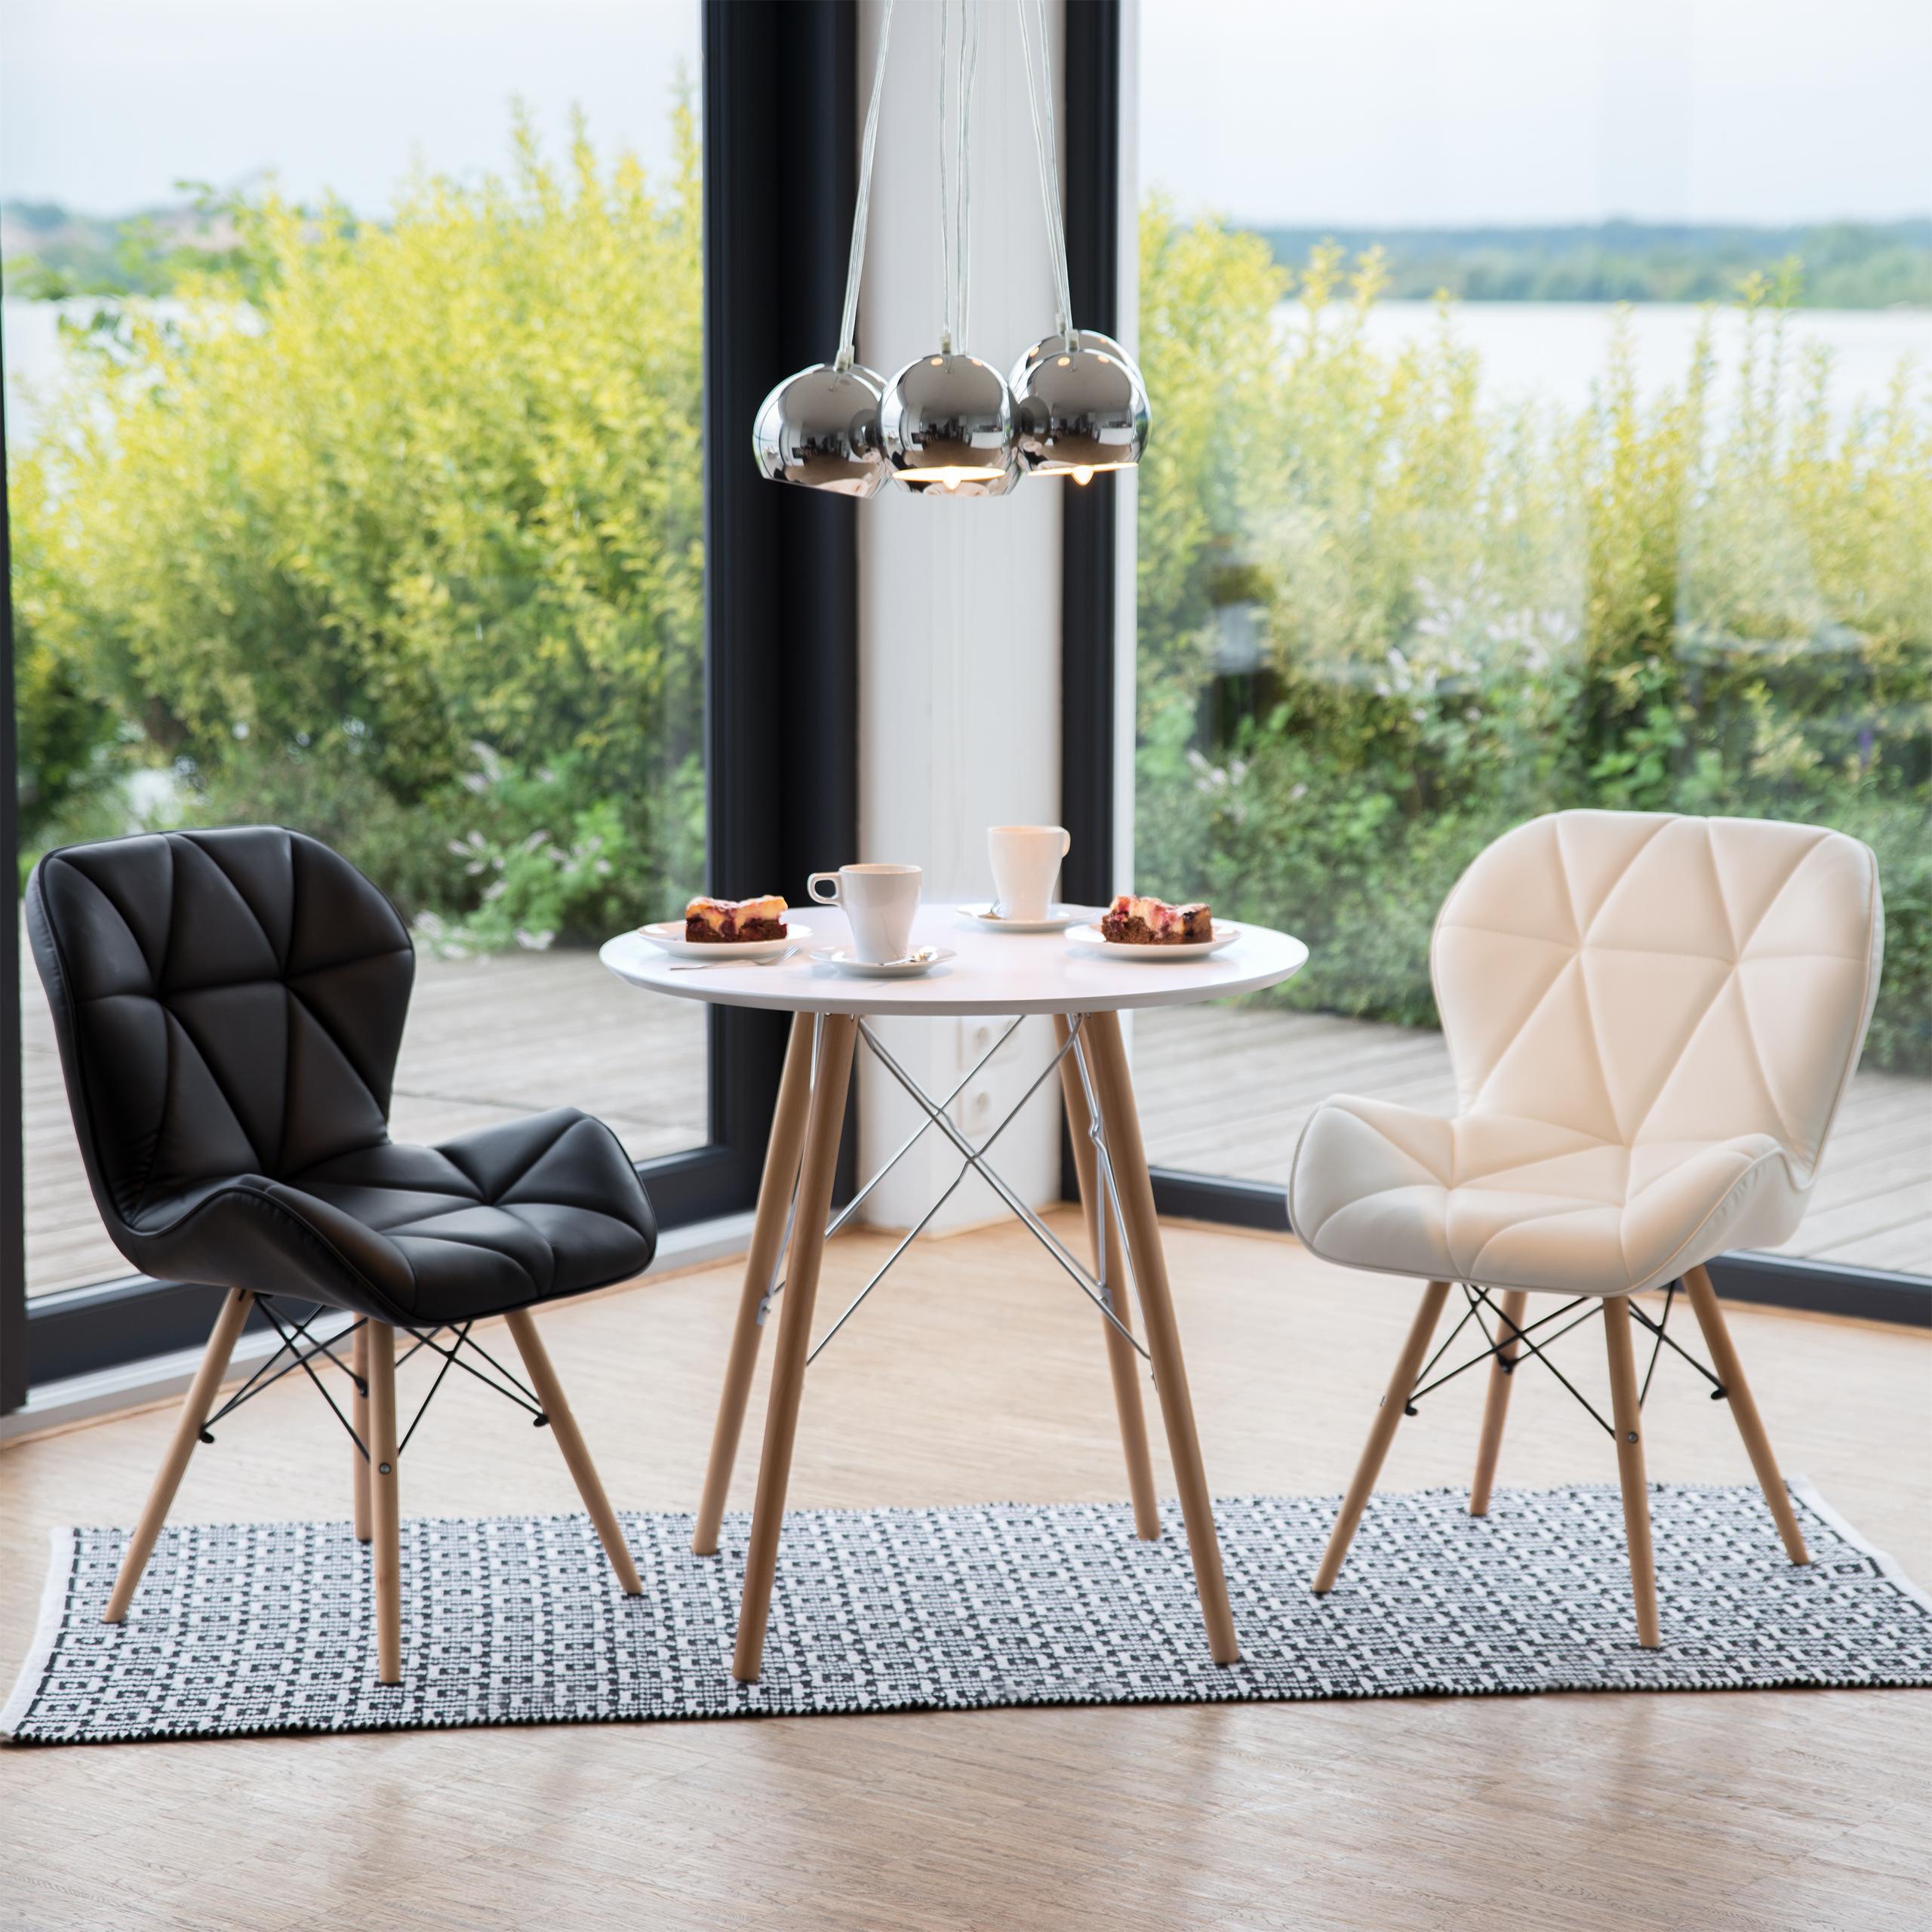 Details zu Küchentisch klein, Esstisch rund, nordischer Stil Holztisch,  kleine Küche Tisch